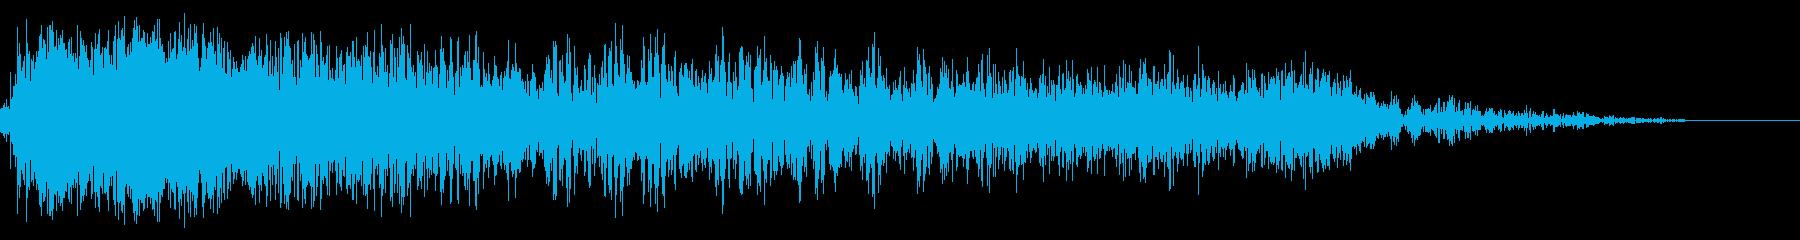 スペースマシンまたはラージオブジェ...の再生済みの波形